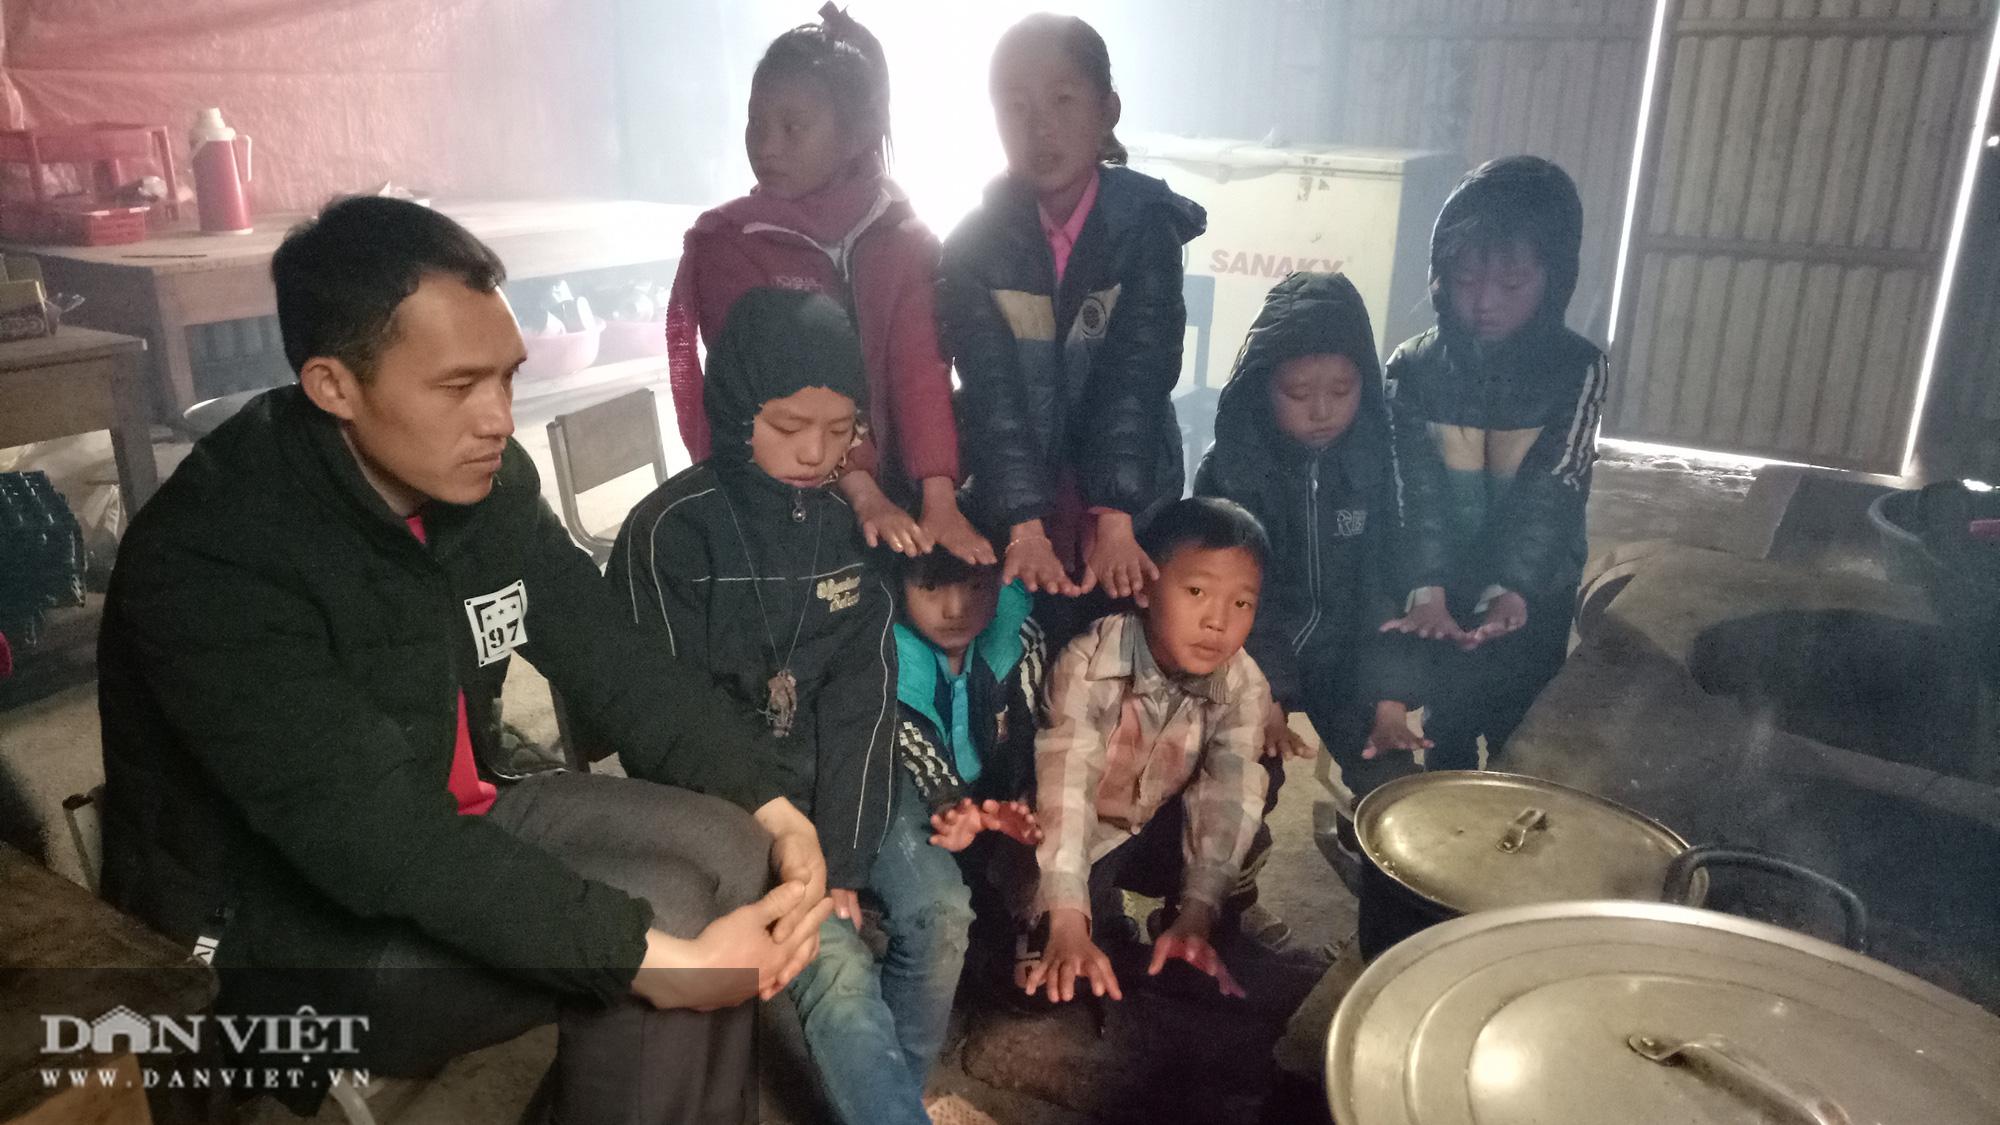 Hàng trăm trường học ở Sơn La cho học sinh nghỉ học do rét đậm - Ảnh 1.